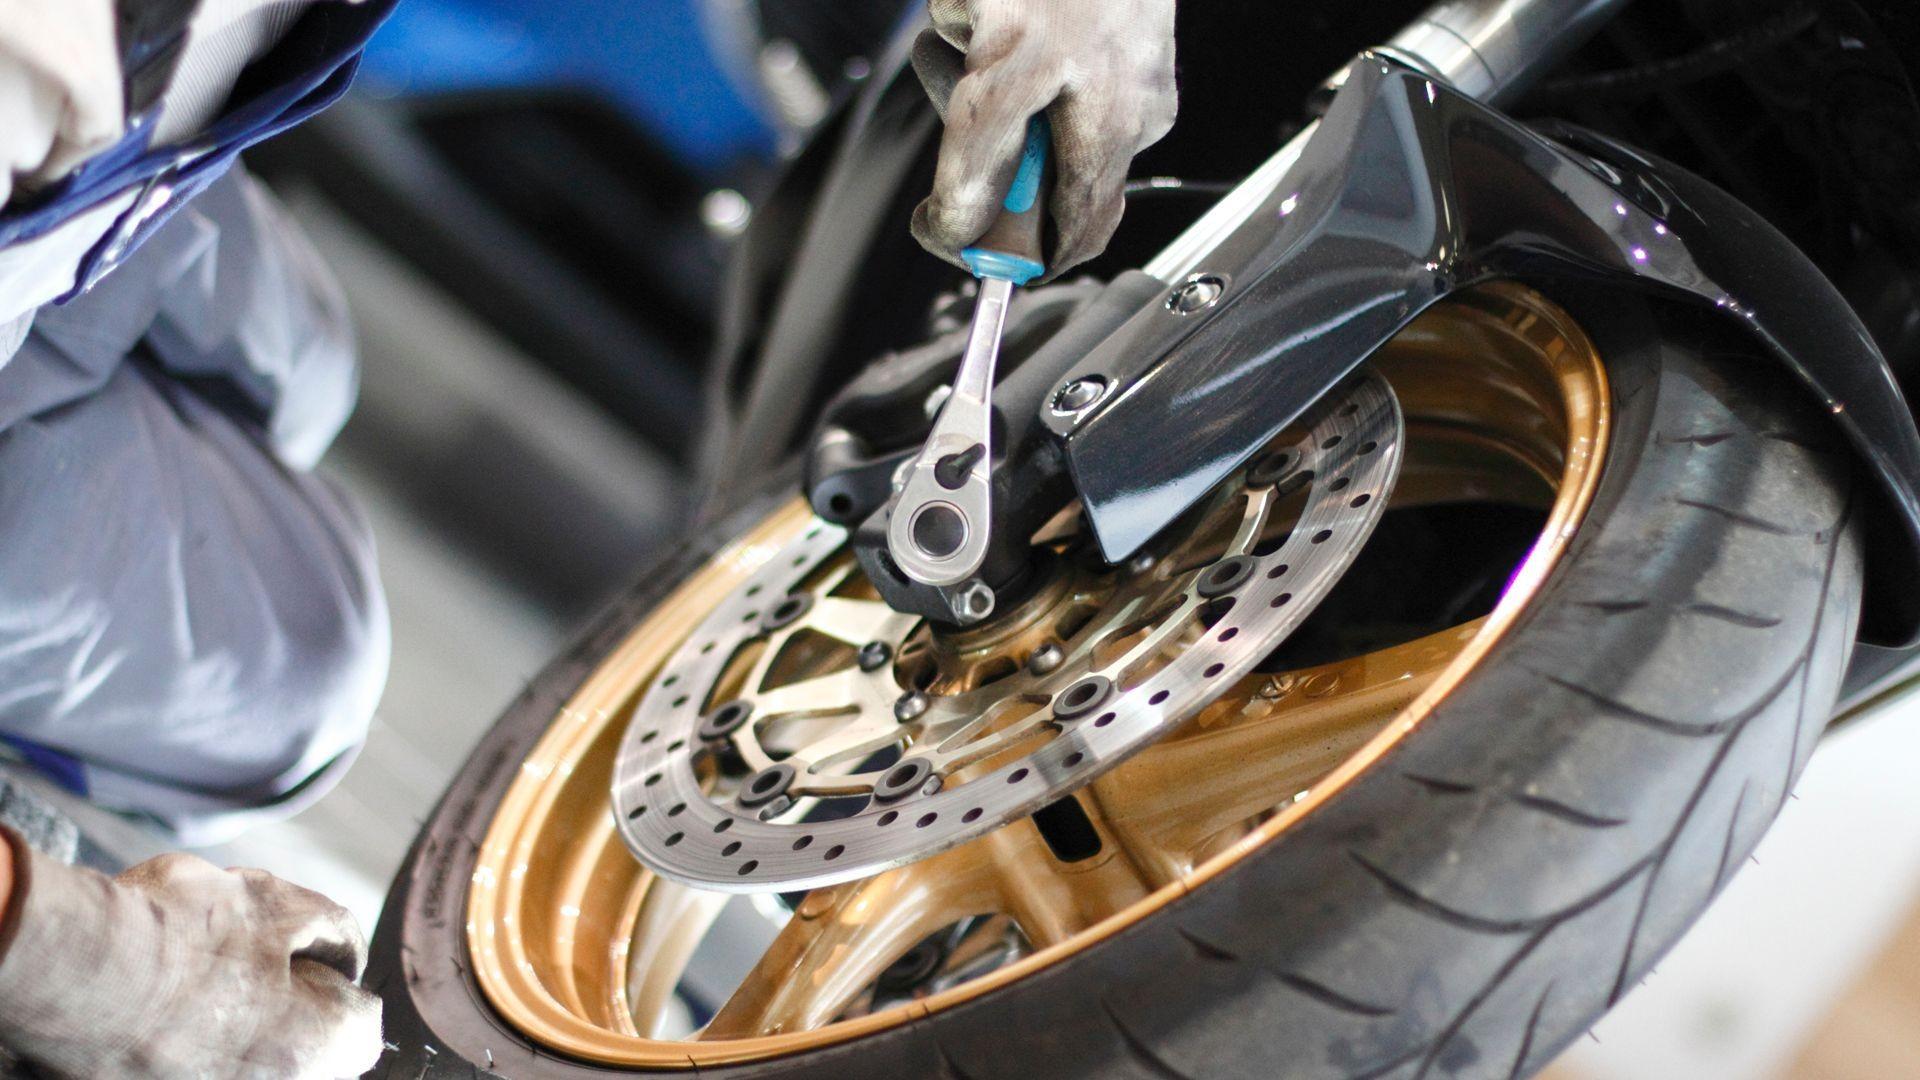 Taller mecánico de motos en Vejer de la Frontera